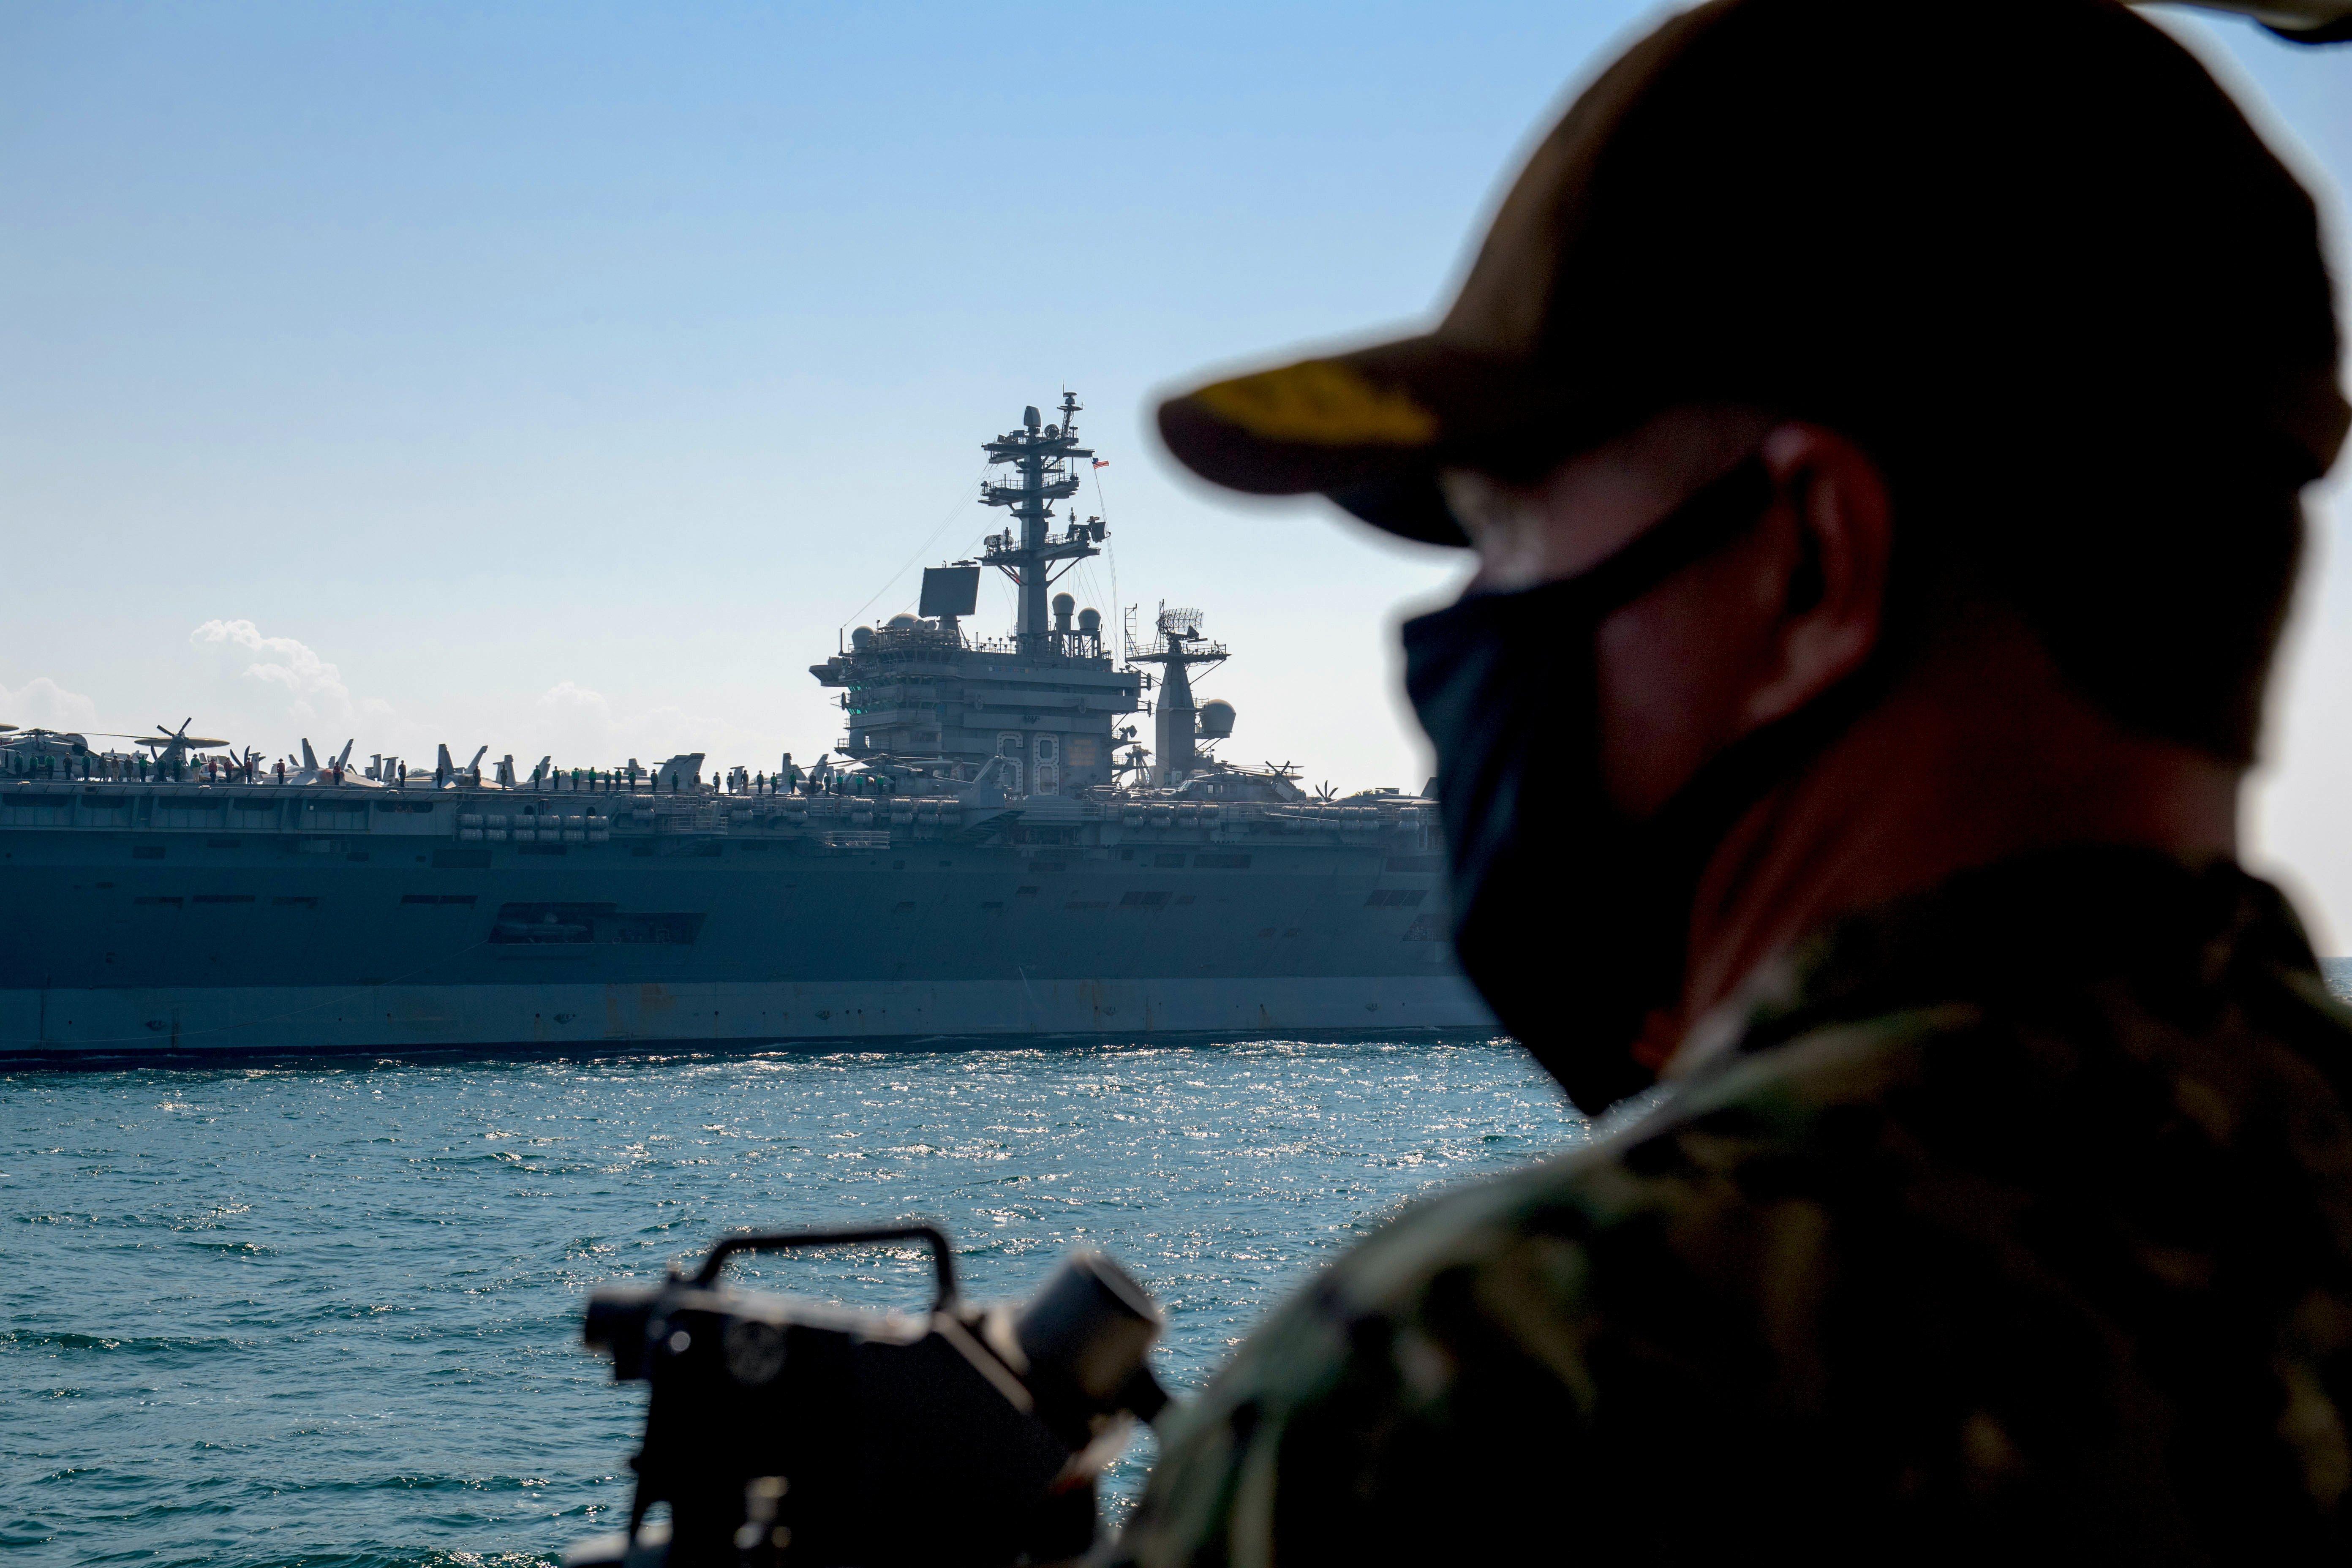 美日再提台海,威慑中国!美国持续挑衅,日本帮腔,中国不惧威胁